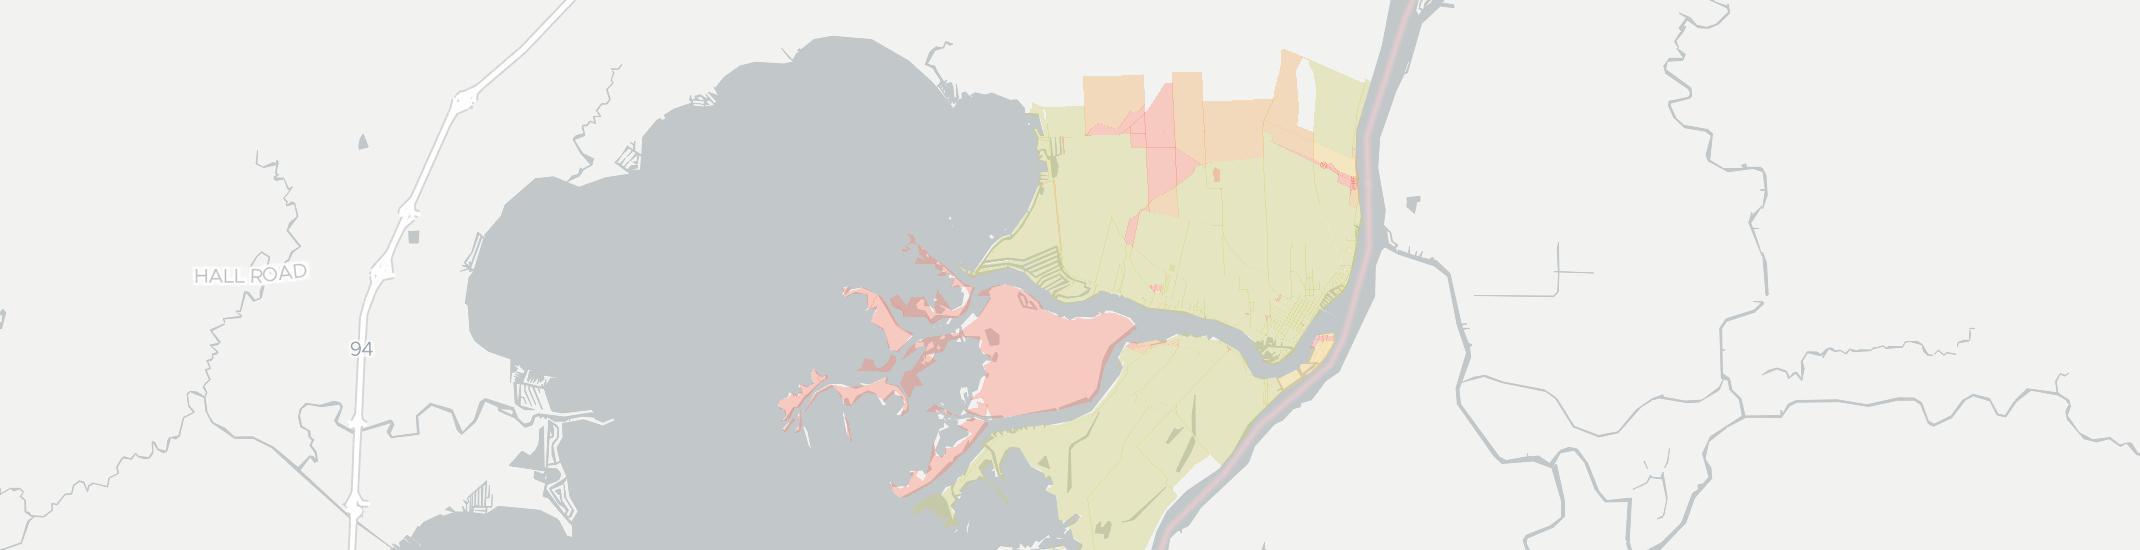 Algonac Michigan Map.Internet Providers In Algonac Compare 12 Providers